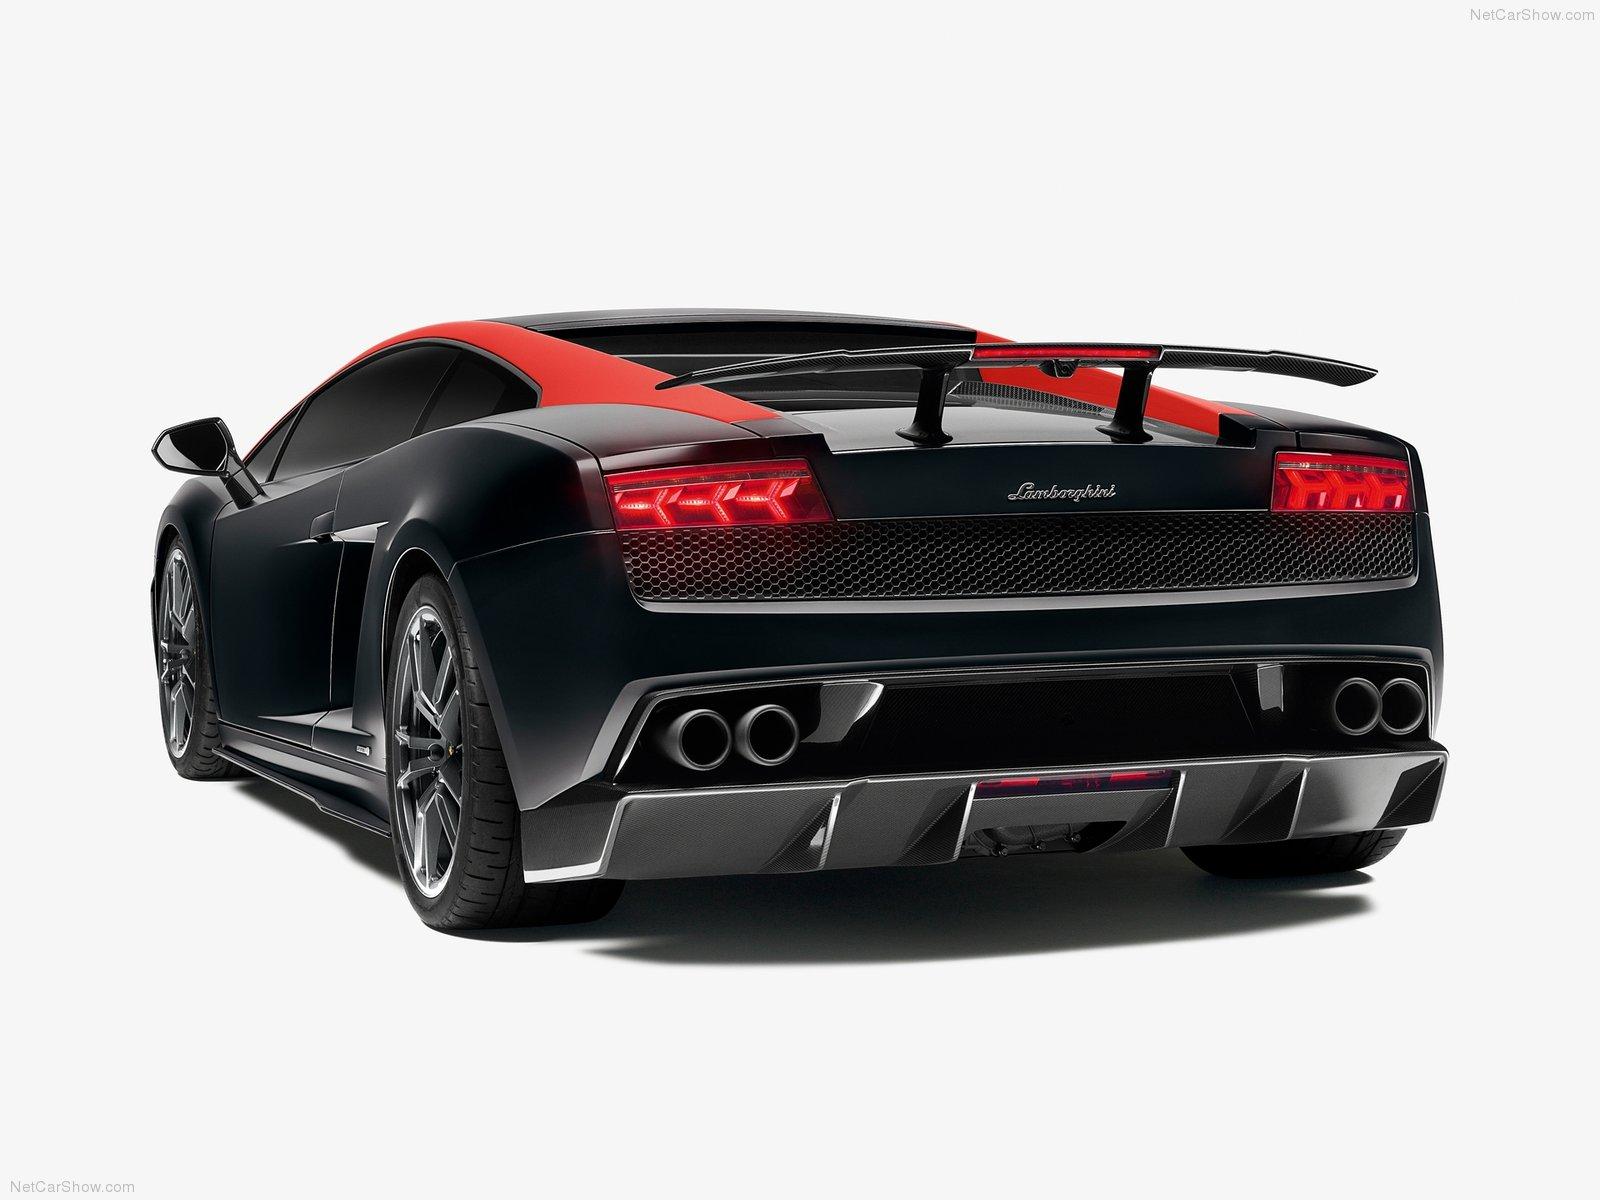 Hình ảnh siêu xe Lamborghini Gallardo LP570-4 Edizione Tecnica 2013 & nội ngoại thất